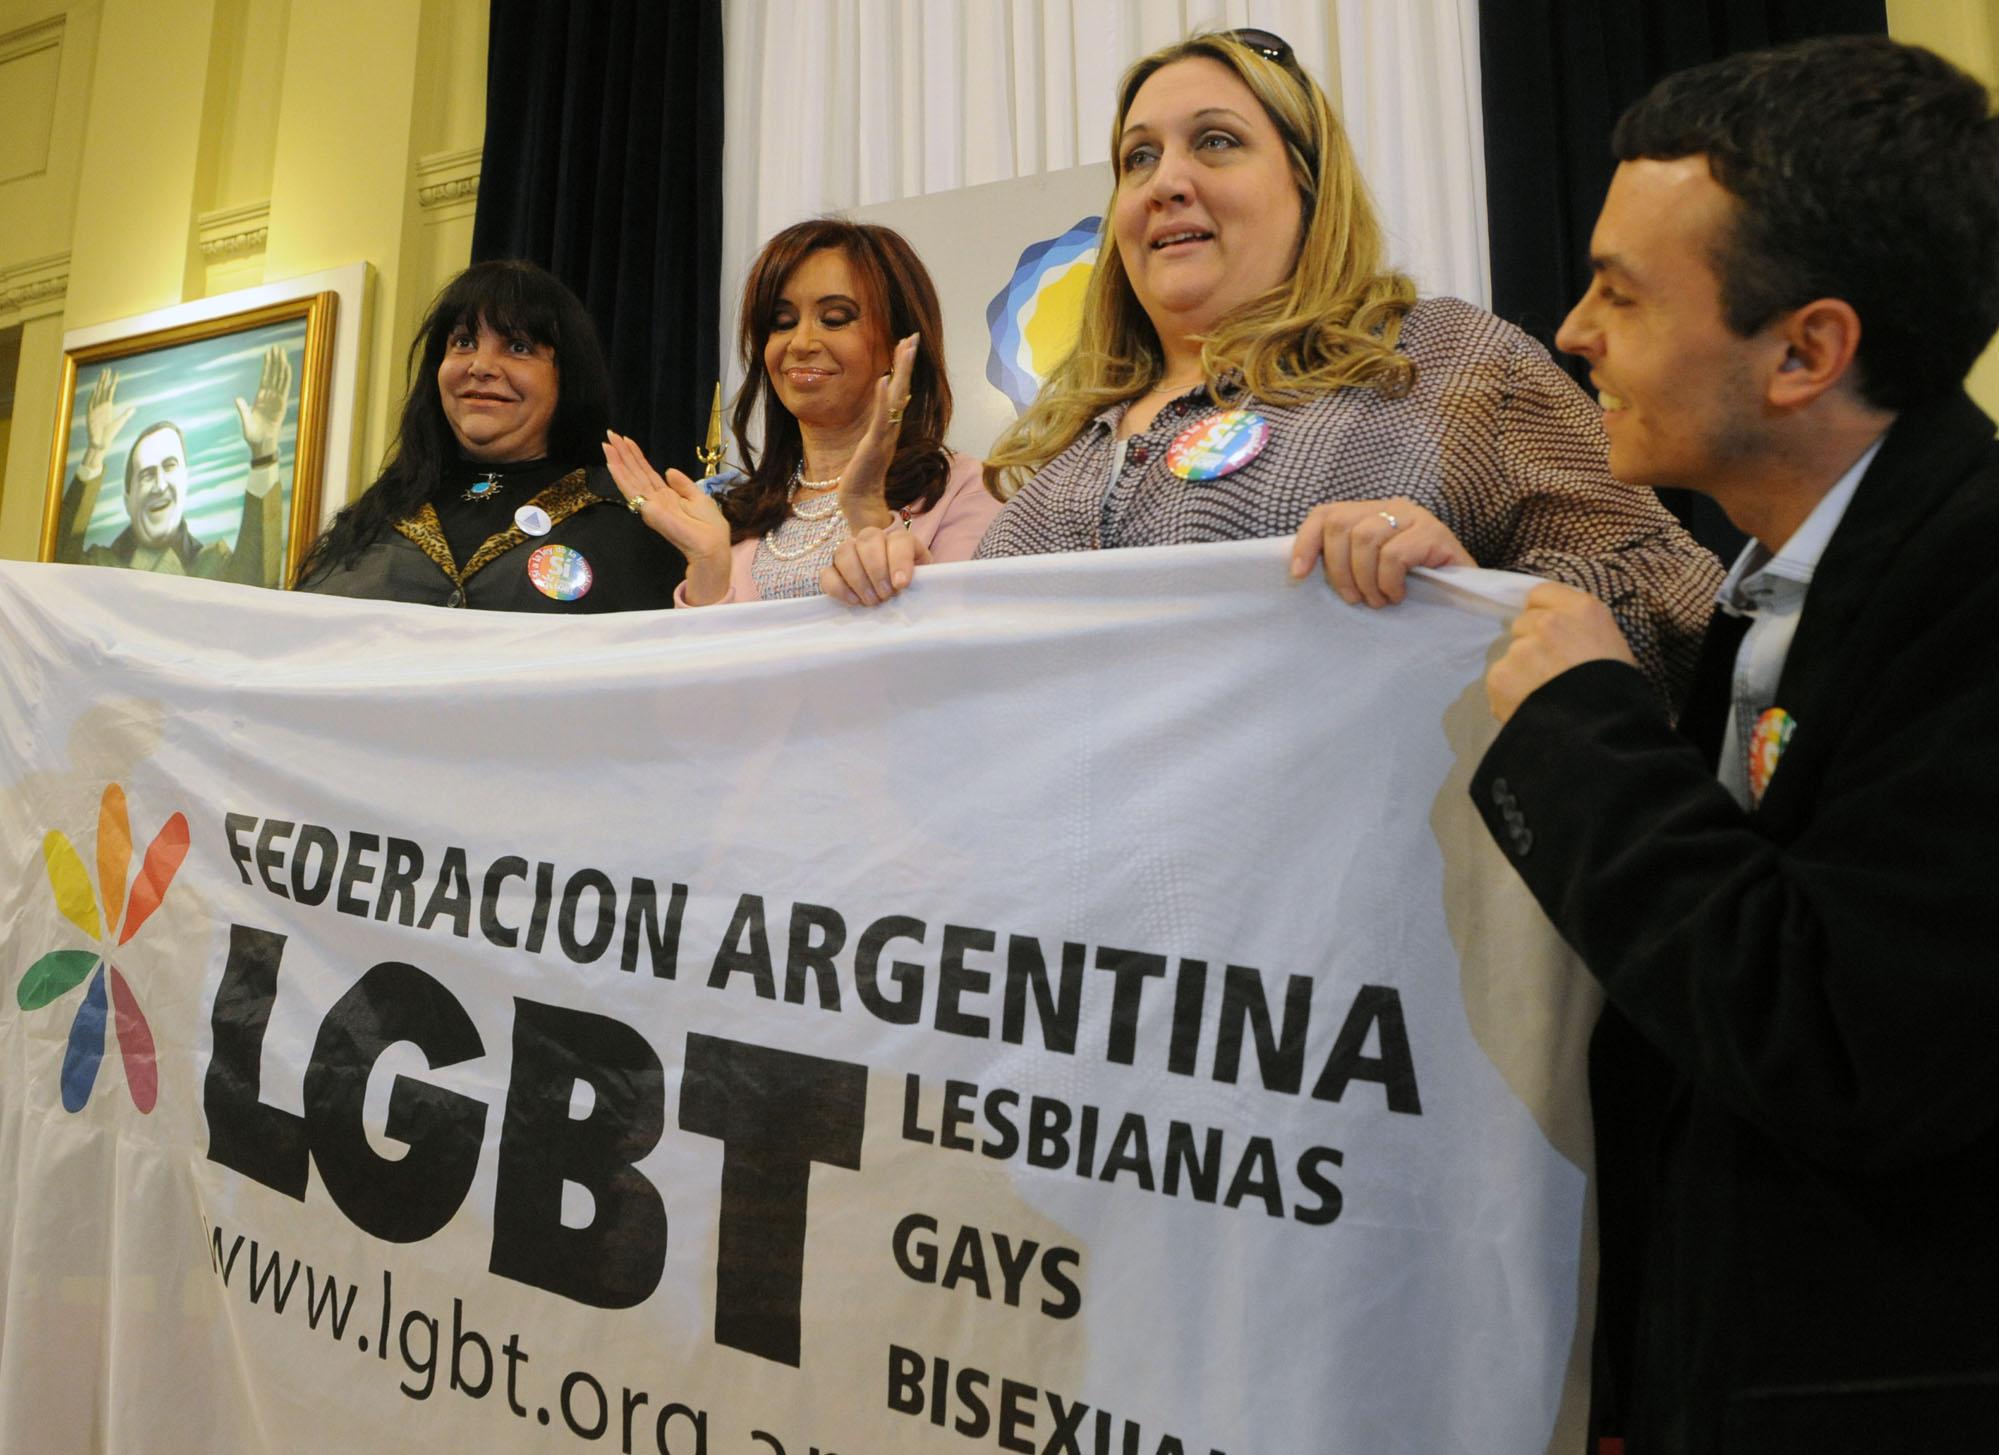 Argentiinan entinen presidentti ja varapresidentiksi vuonna 2019 nouseva Cristina Fernández de Kirchner (keskellä) tunnetaan seksuaalivähemmistöjen ja tasa-arvon puolestapuhujana. Kuva Víctor Buggé